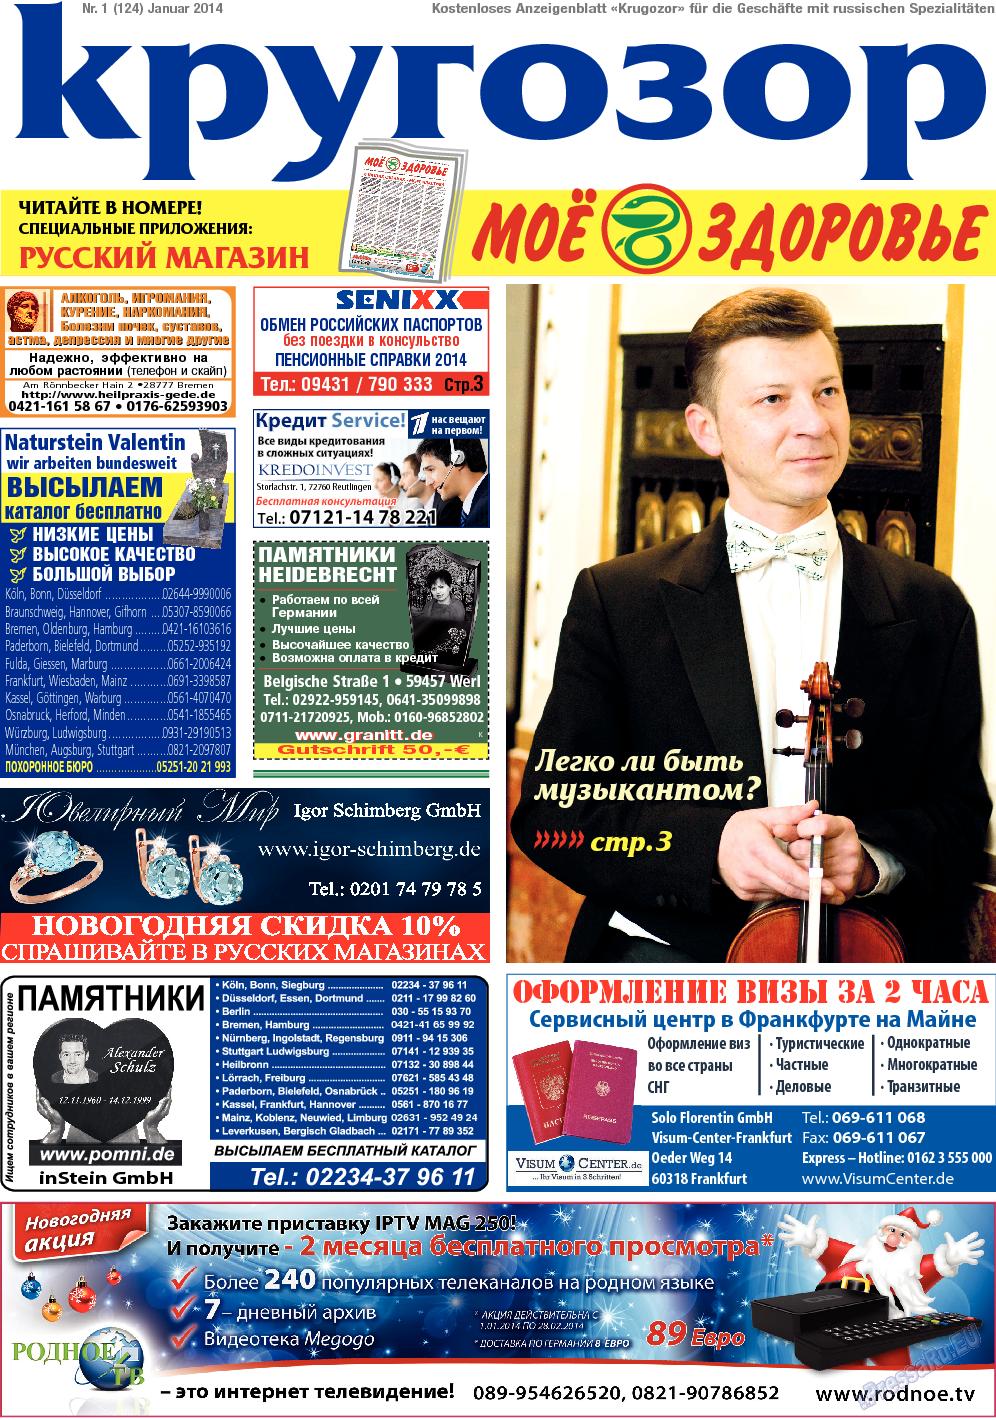 Кругозор (газета). 2014 год, номер 1, стр. 1